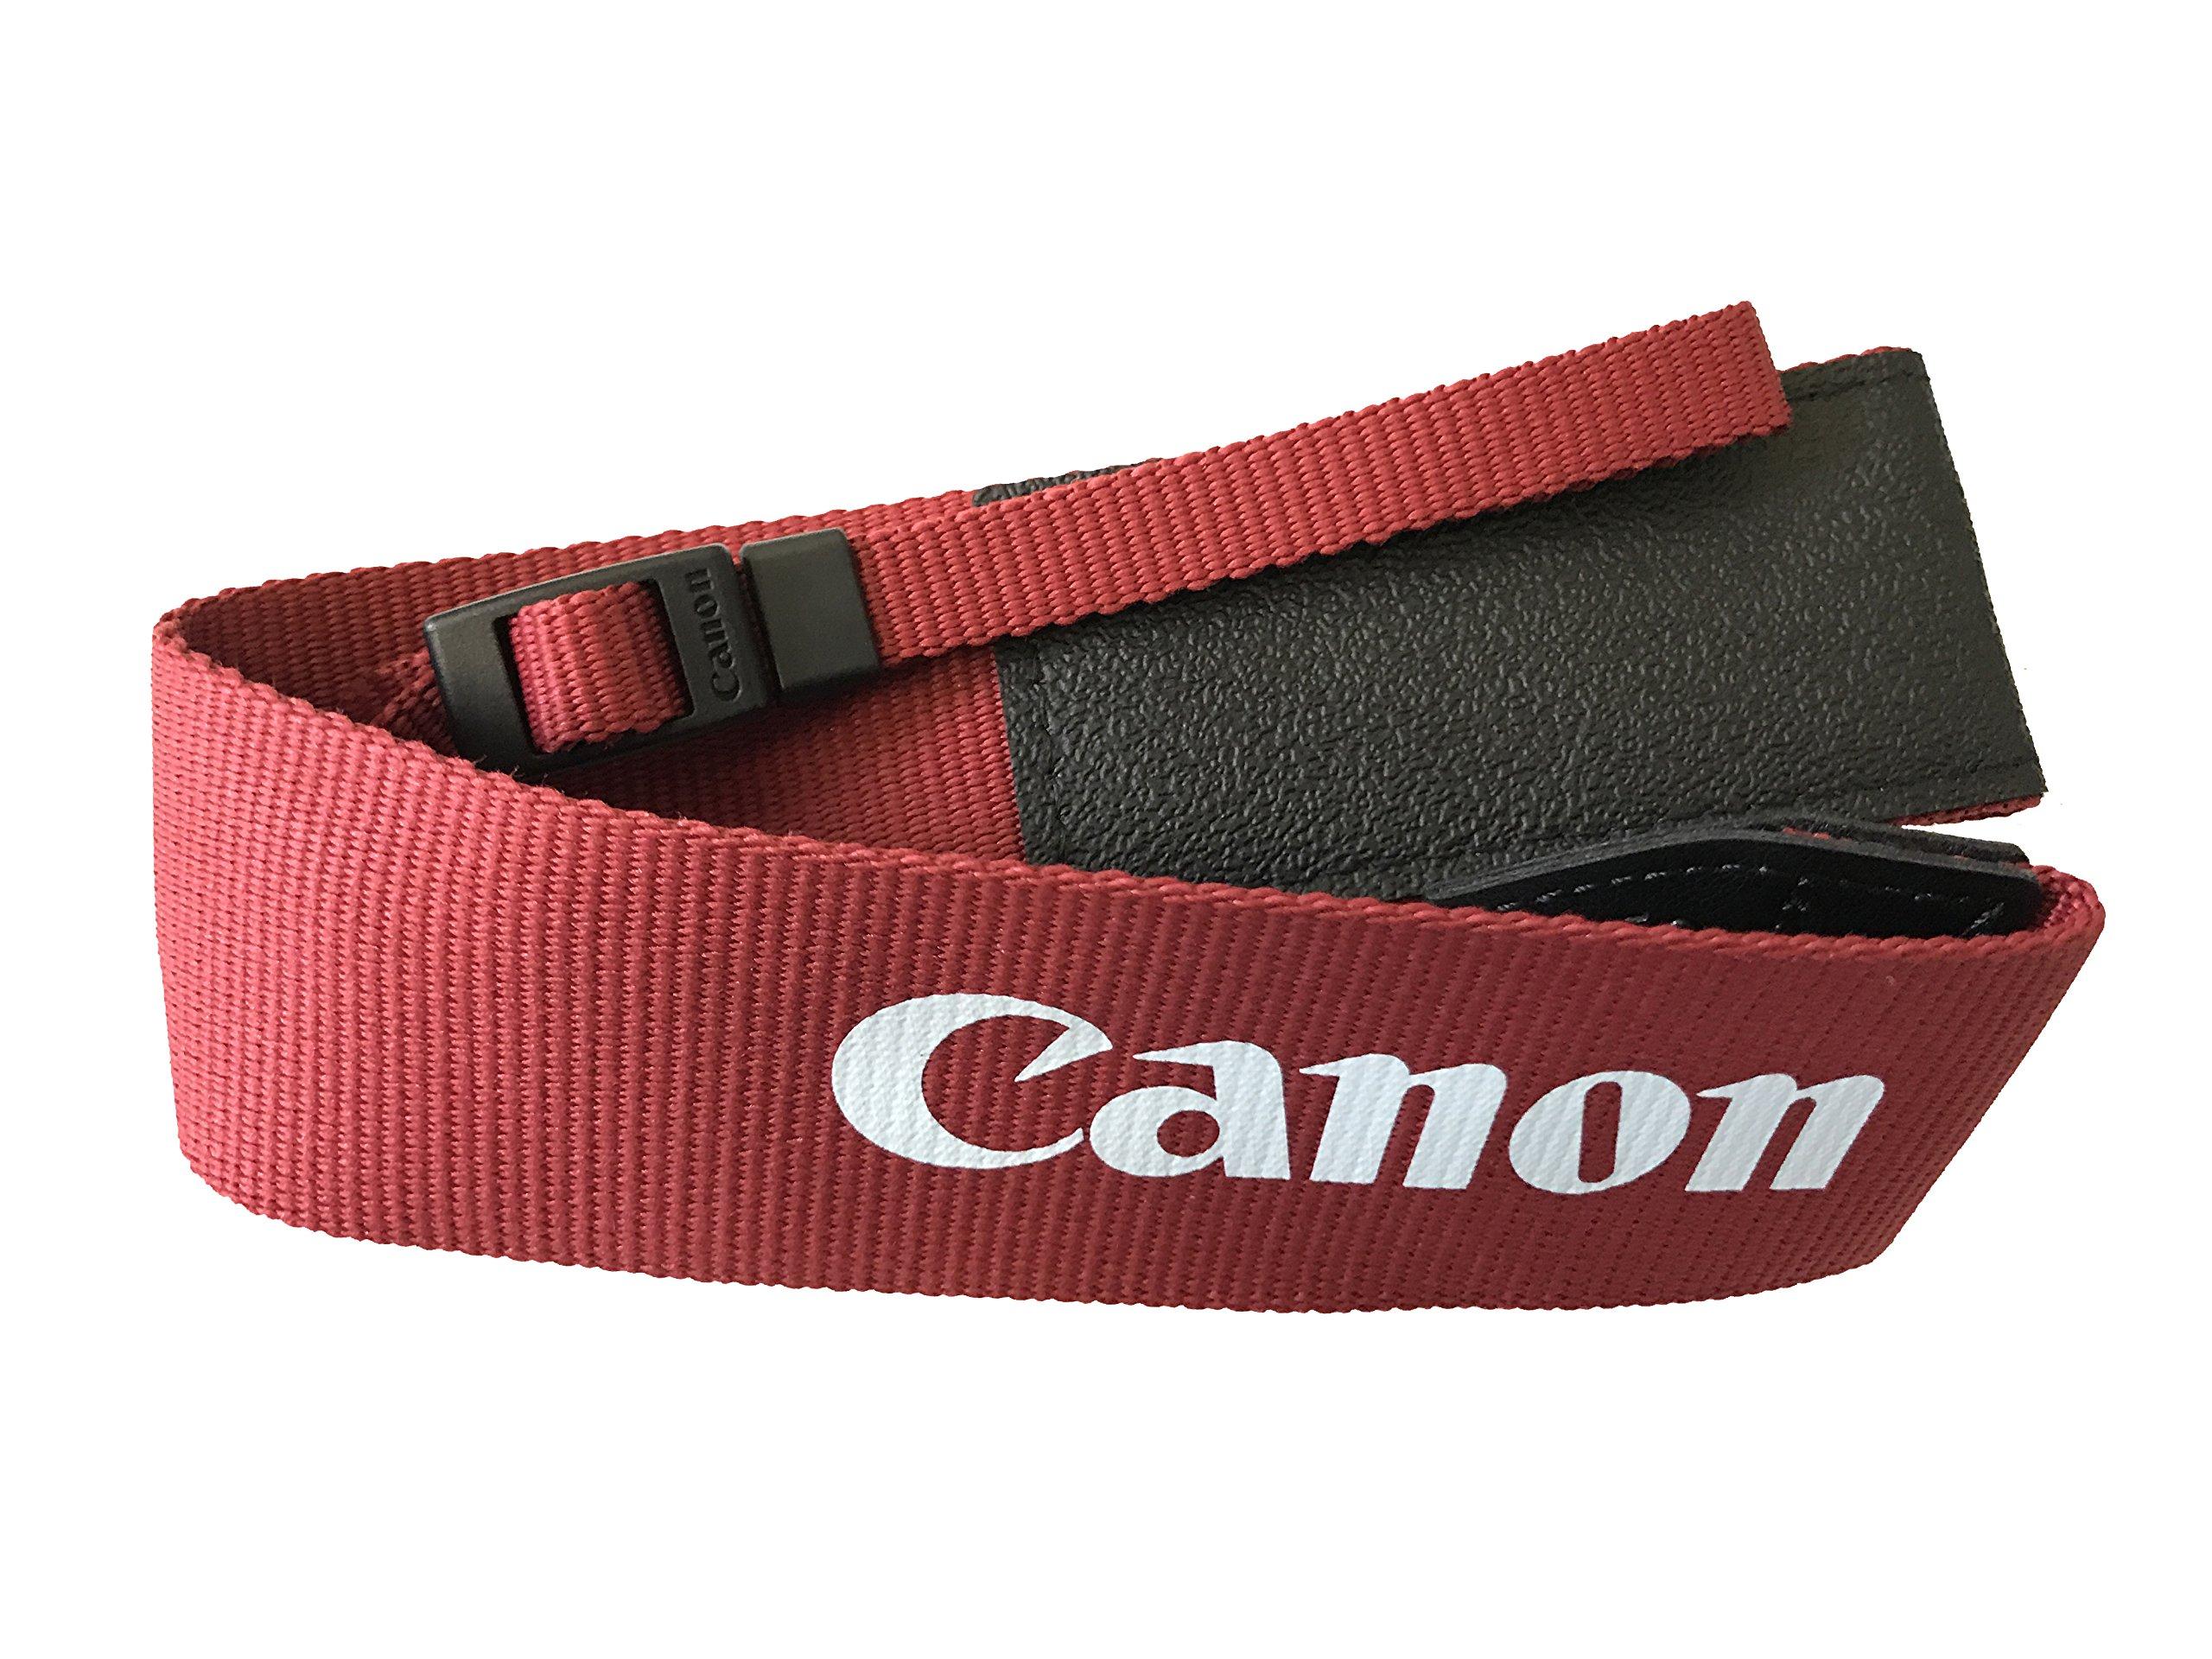 Canon Genuine Original OEM Pro Wide Neck Strap for Canon EOS Rebel T5, T6, SL1, T5i, T6i, T6s, 70D, 80D, 7D Mark II, 5D Mark III, 6D Digital SLR DSLR Cameras - Red Color